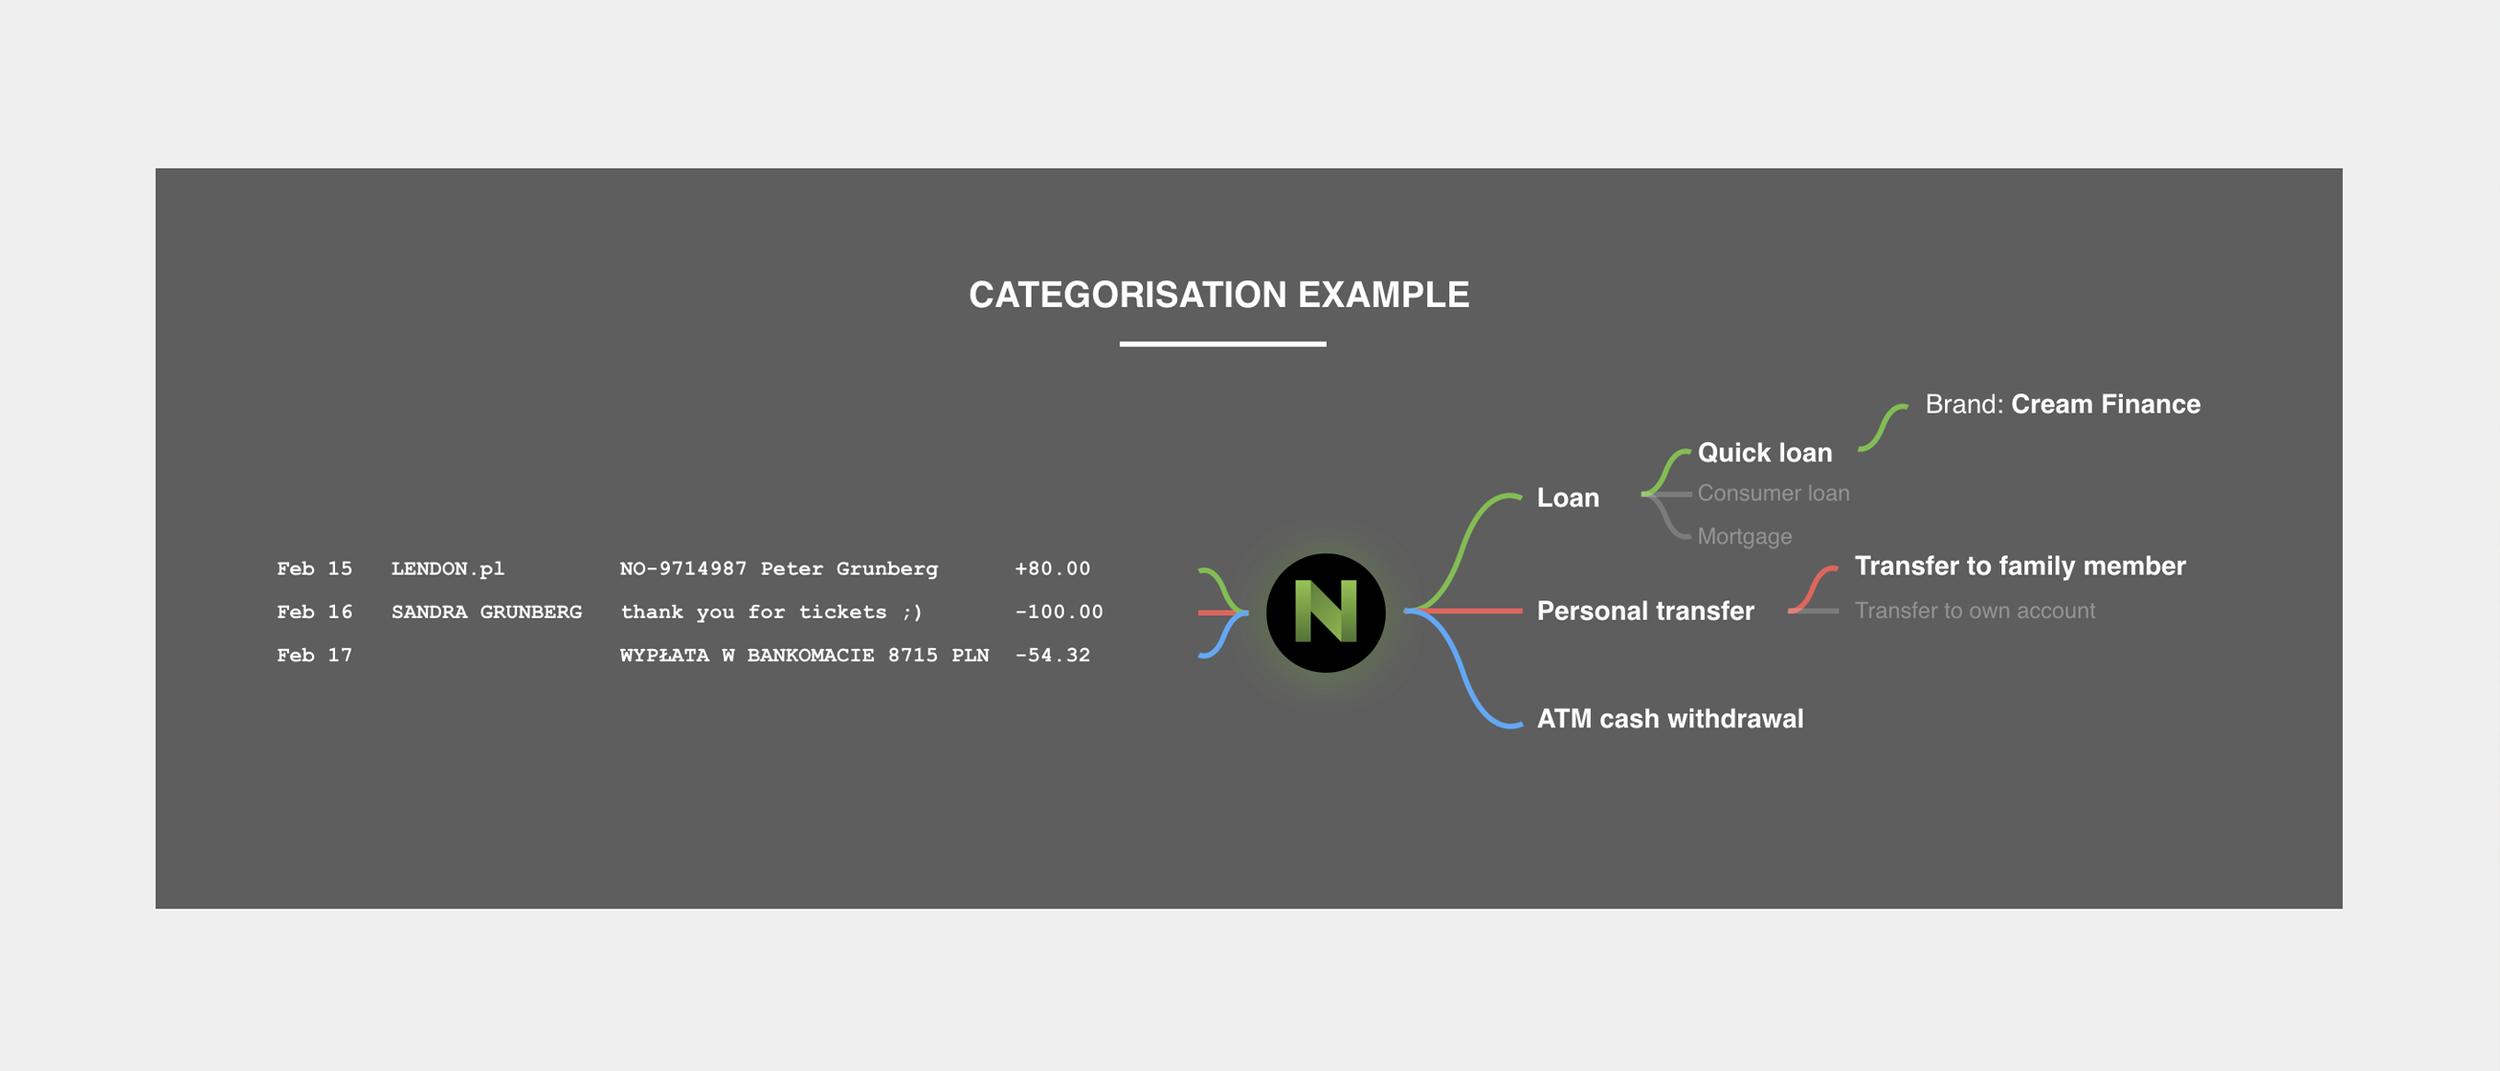 ¿Cómo funciona la categorización? - El motor Nordigen utiliza el campo de detalles de la transacción para hacer coincidir palabras clave, frases y patrones e identificar la categoría del pago o transferencia.